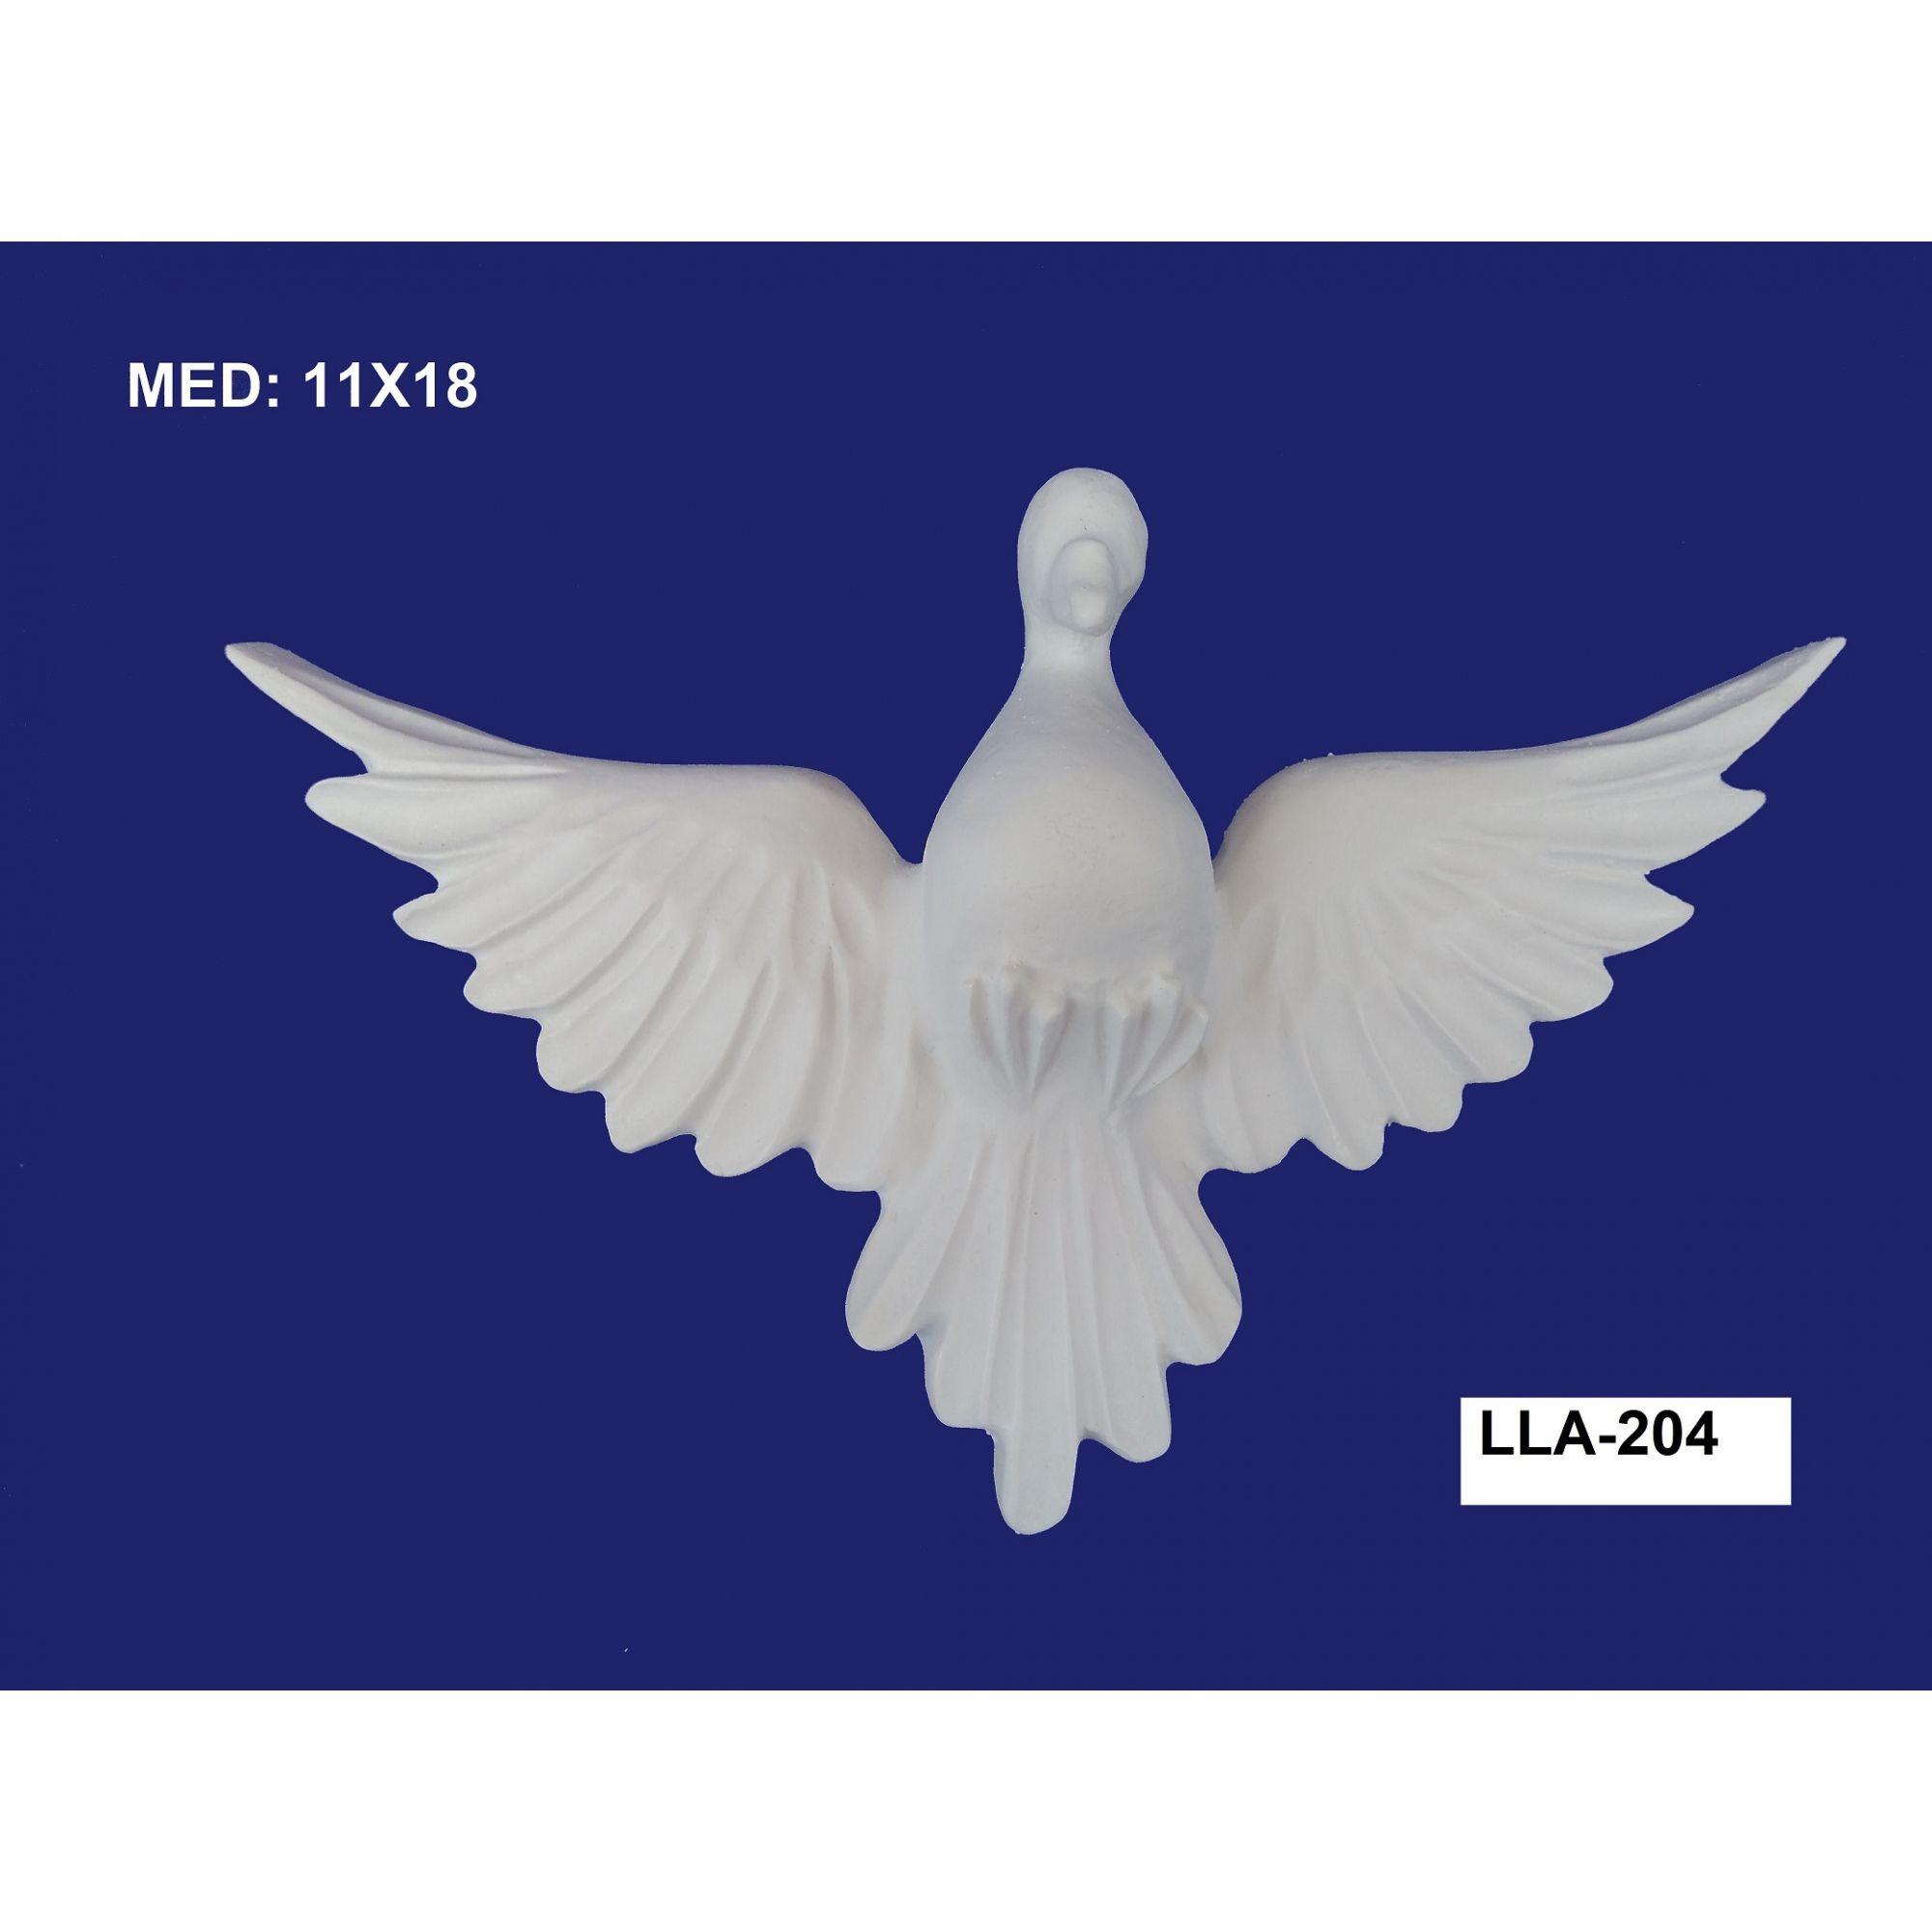 LLA-204 APLIQUE DIVINO 11X18CM